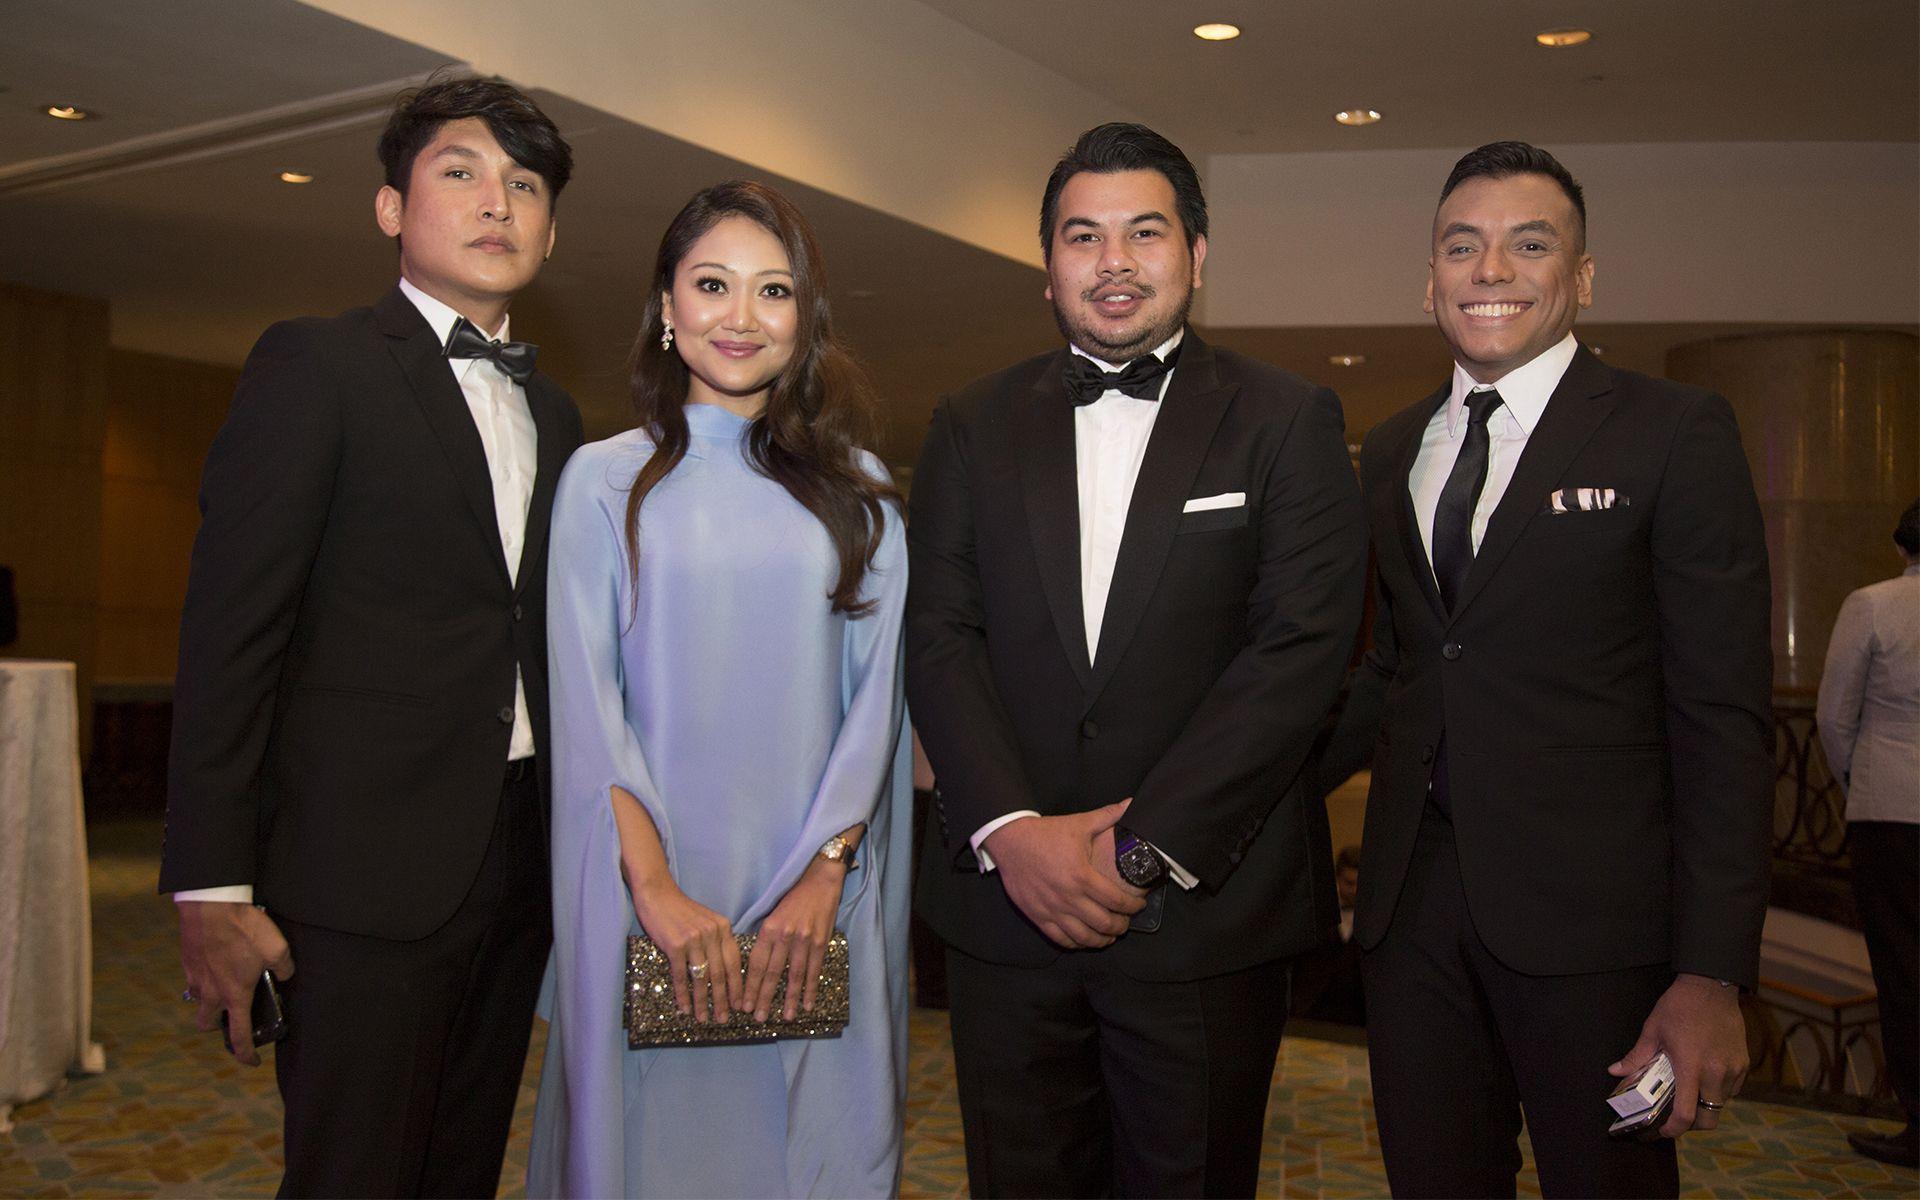 Jimmy Najeem, Shareen Sophiah, Hariz Nadzmi and Shahrezzan Ezani